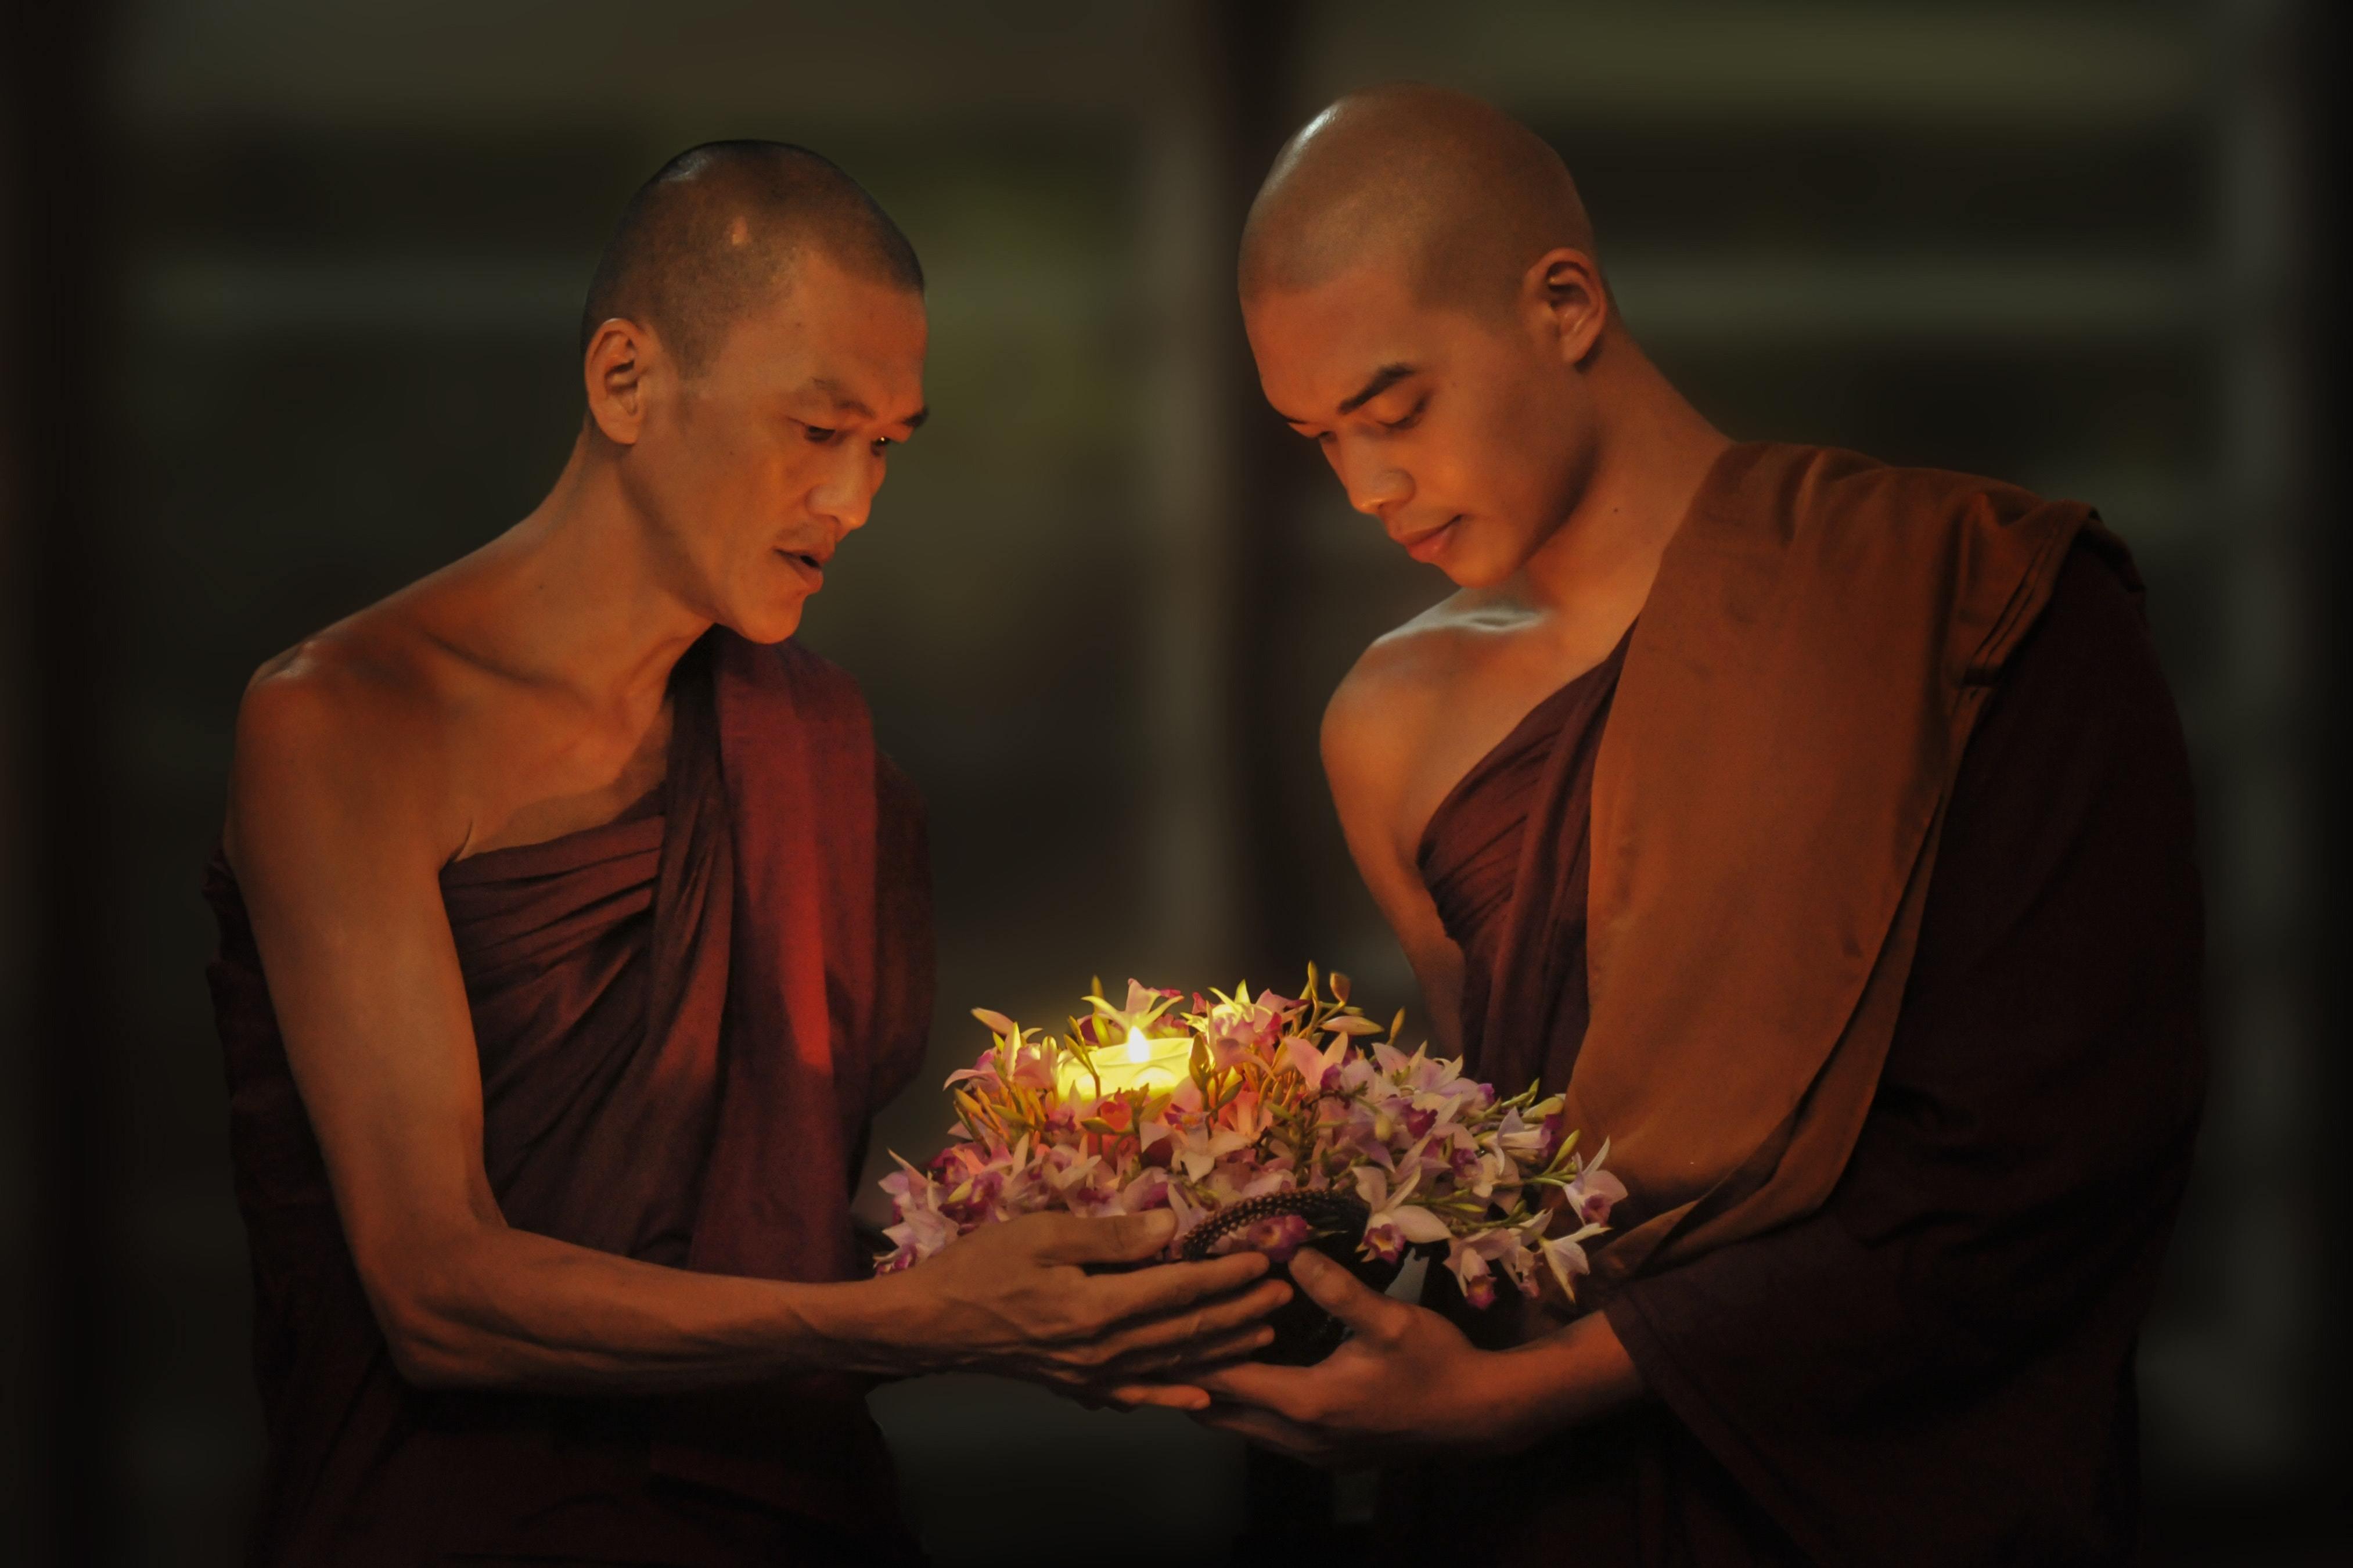 仏教の教え,慈悲